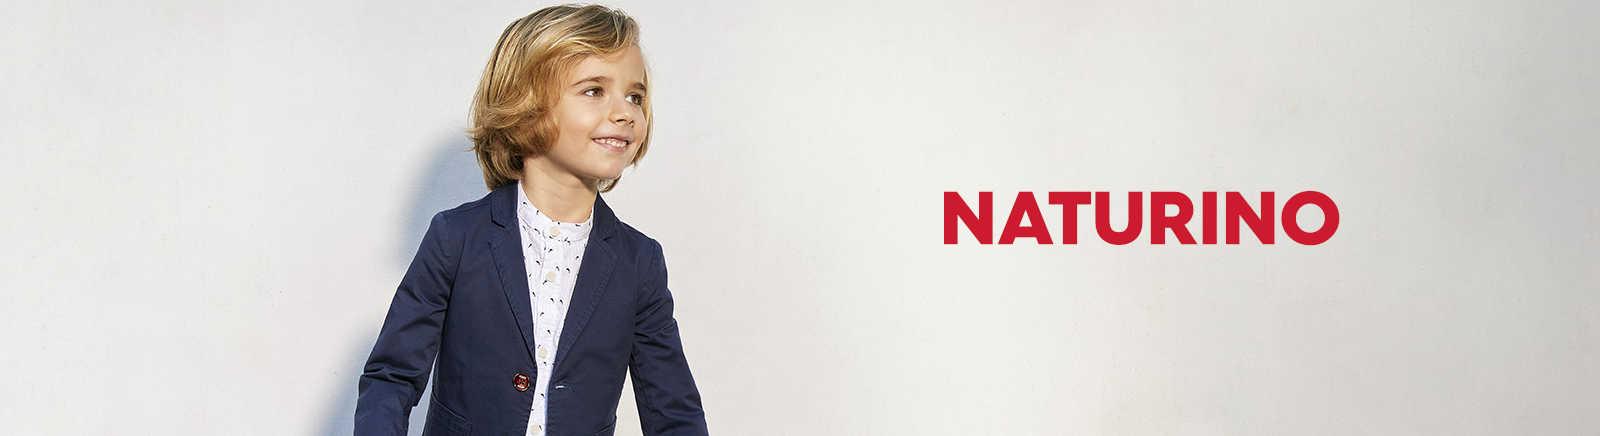 Naturino/Falcotto Kinderschuhe online entdecken im Juppen Shop